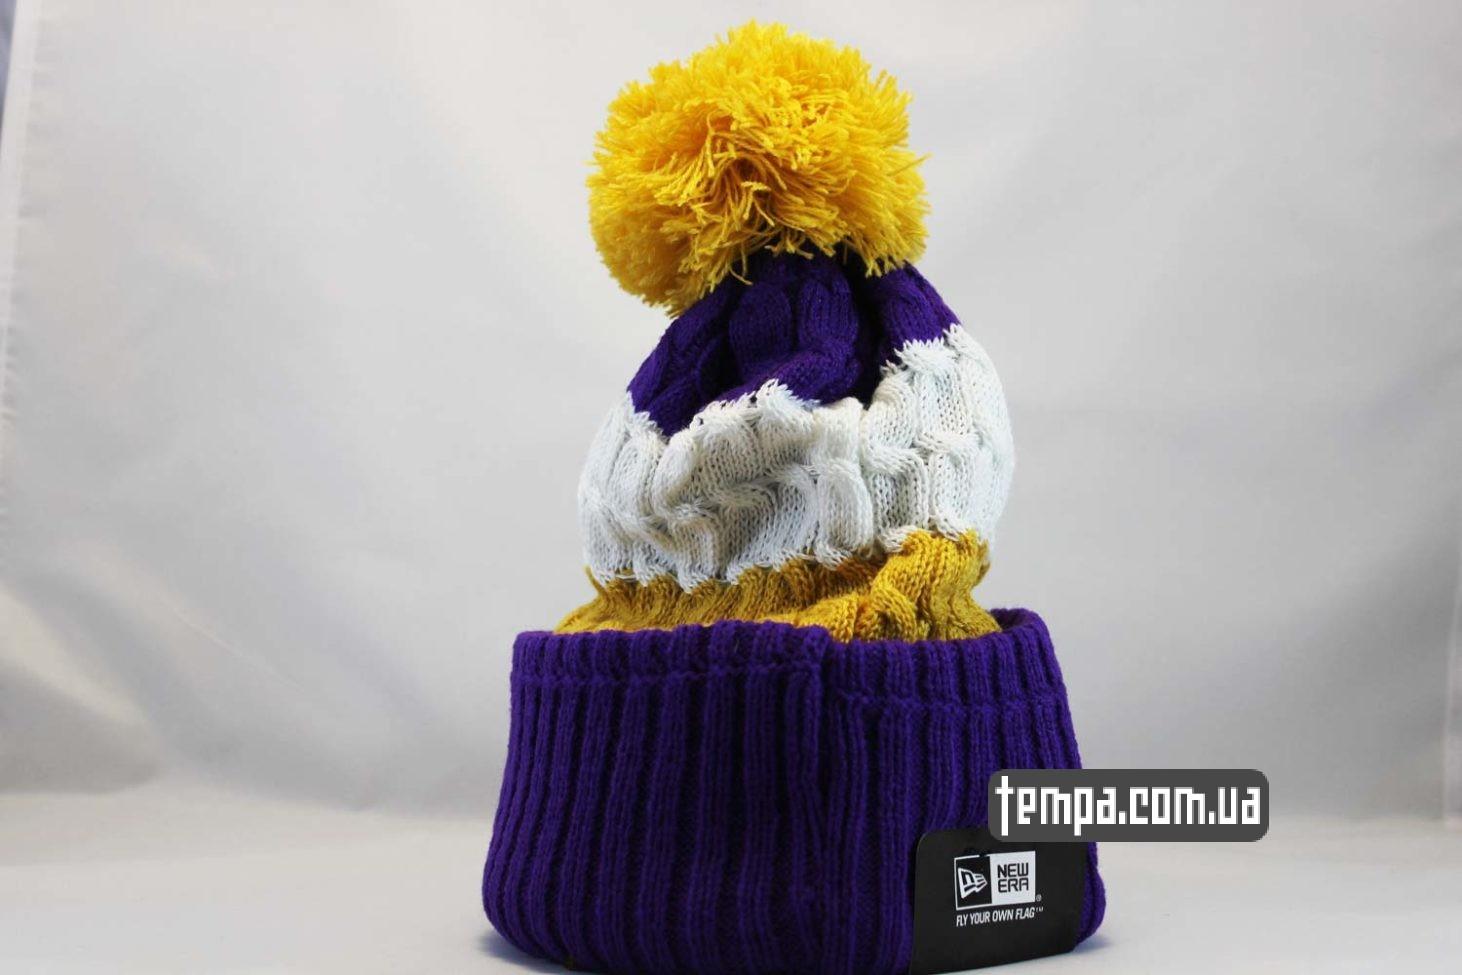 вязаная зимняя теплая шапка beanie LAKERS Los Angeles NBA NewEra баскетбольная